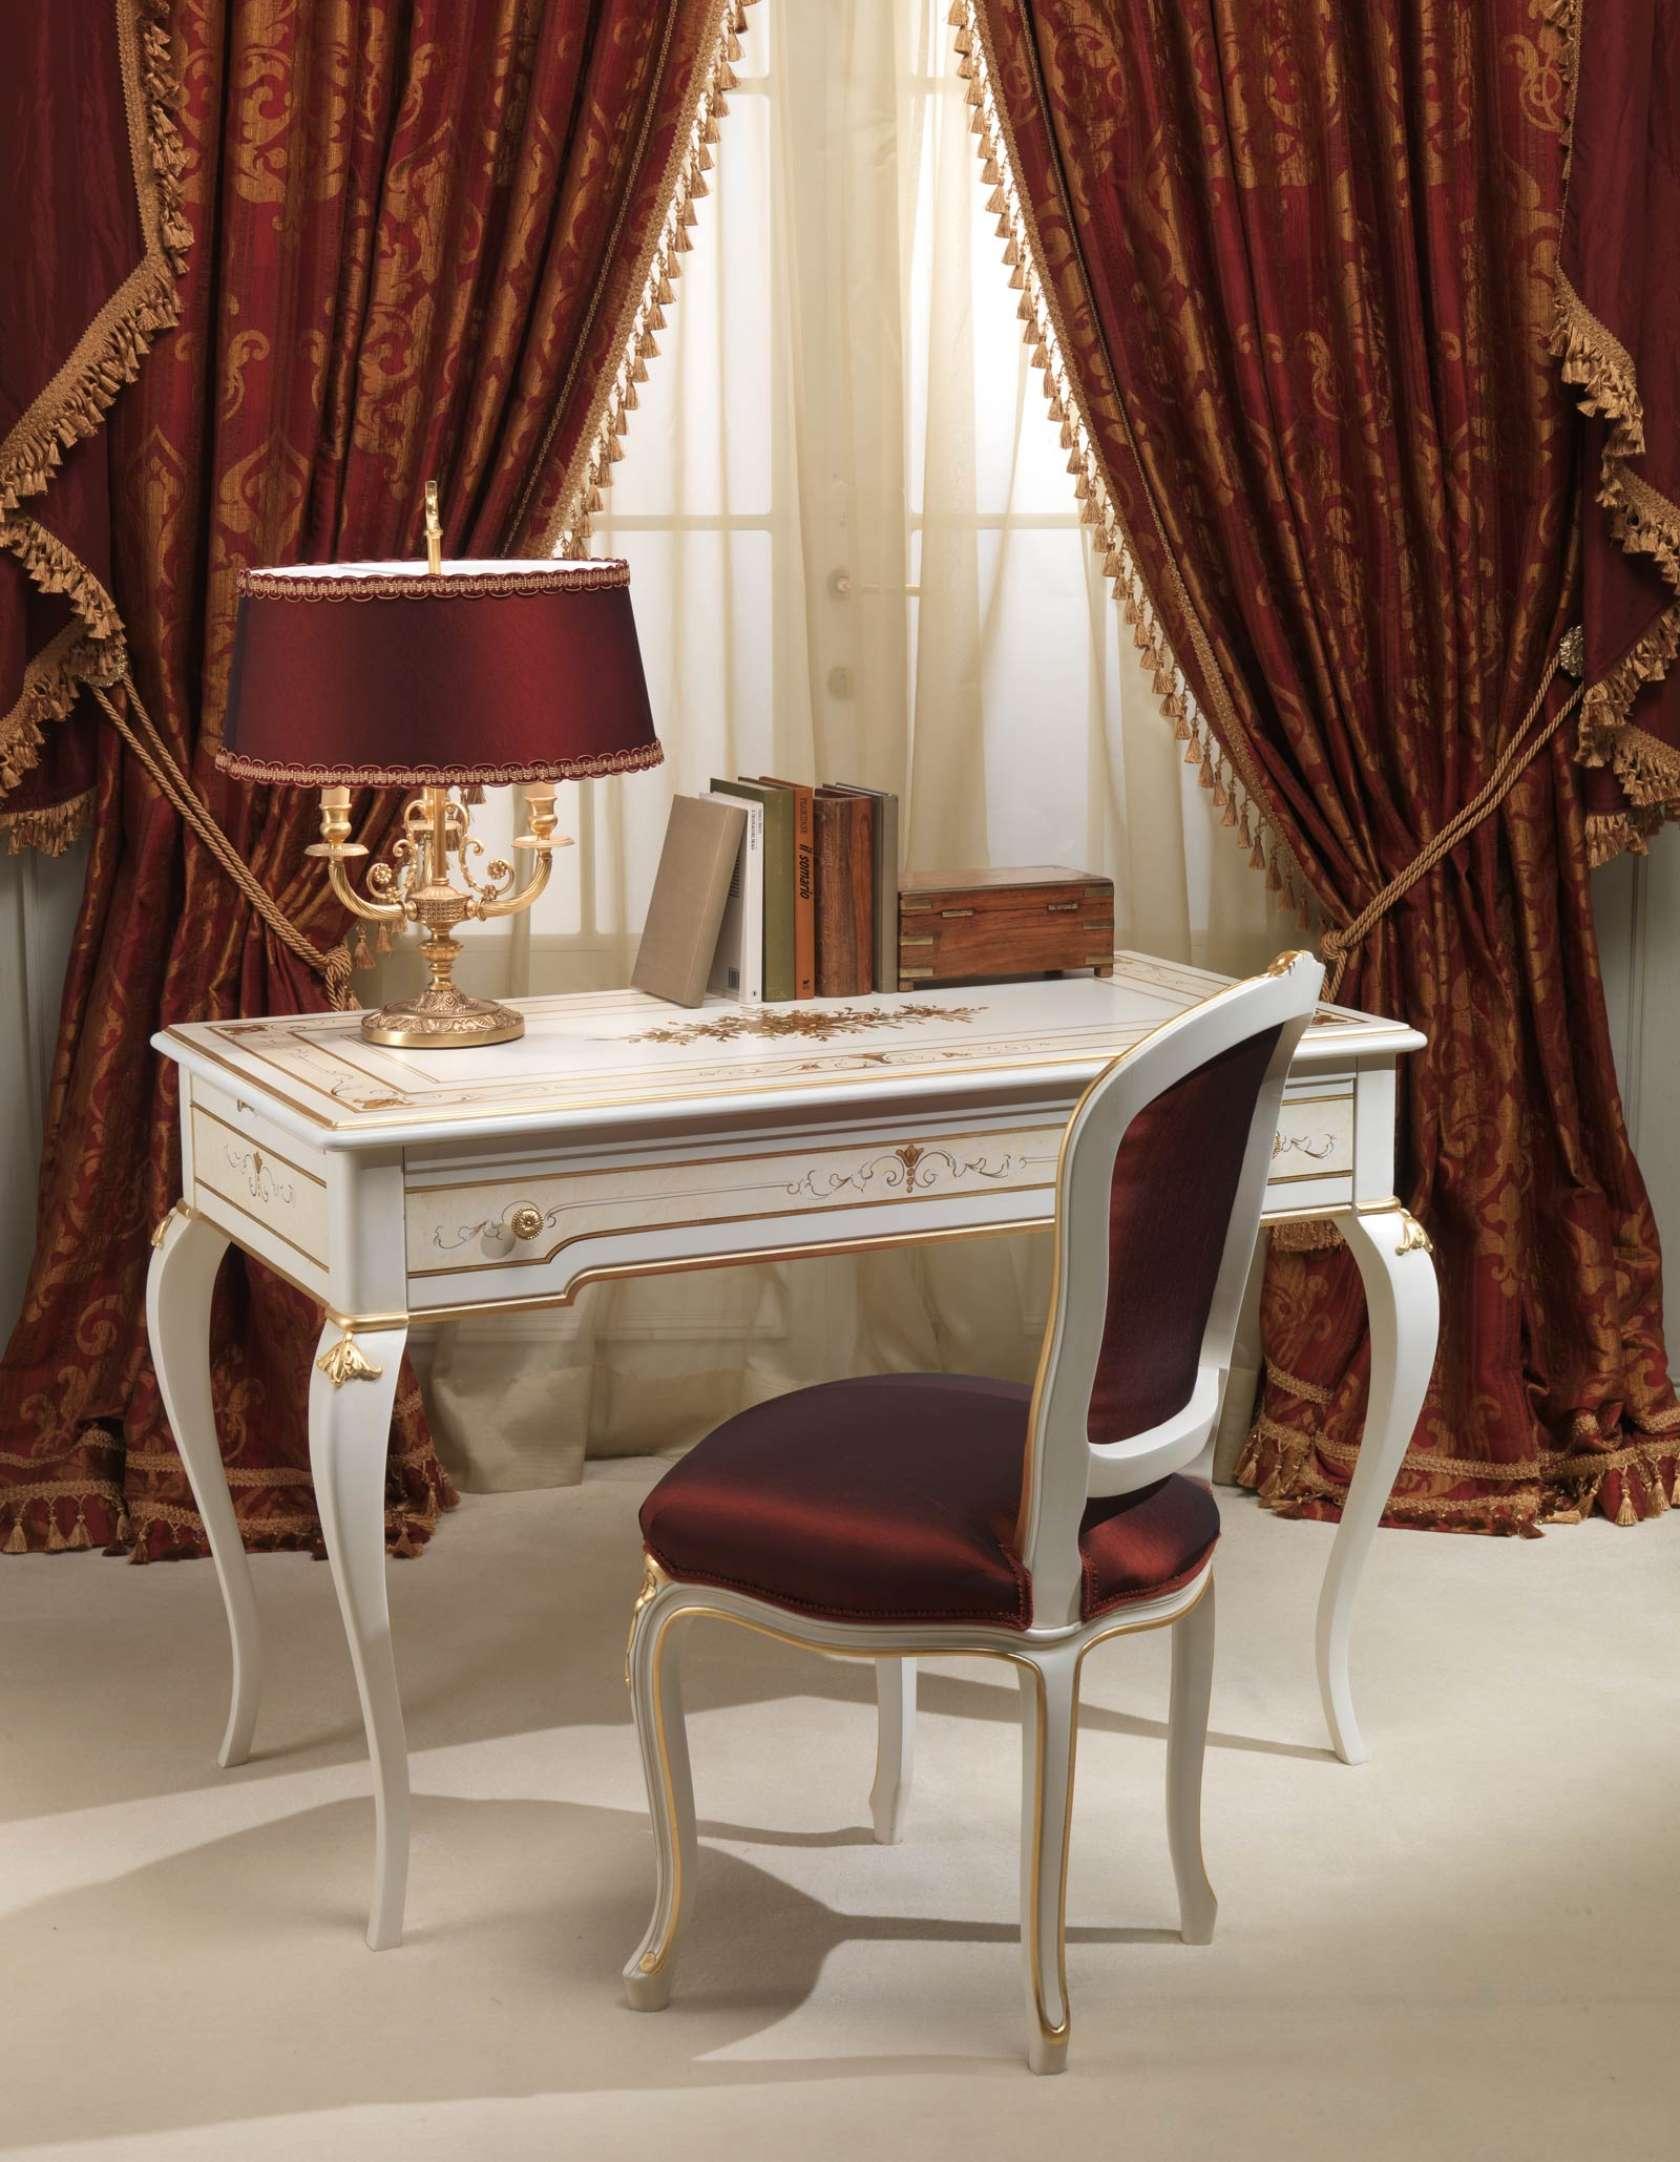 Camera da letto classica rubens in stile 700 francese - Sedia camera da letto ...